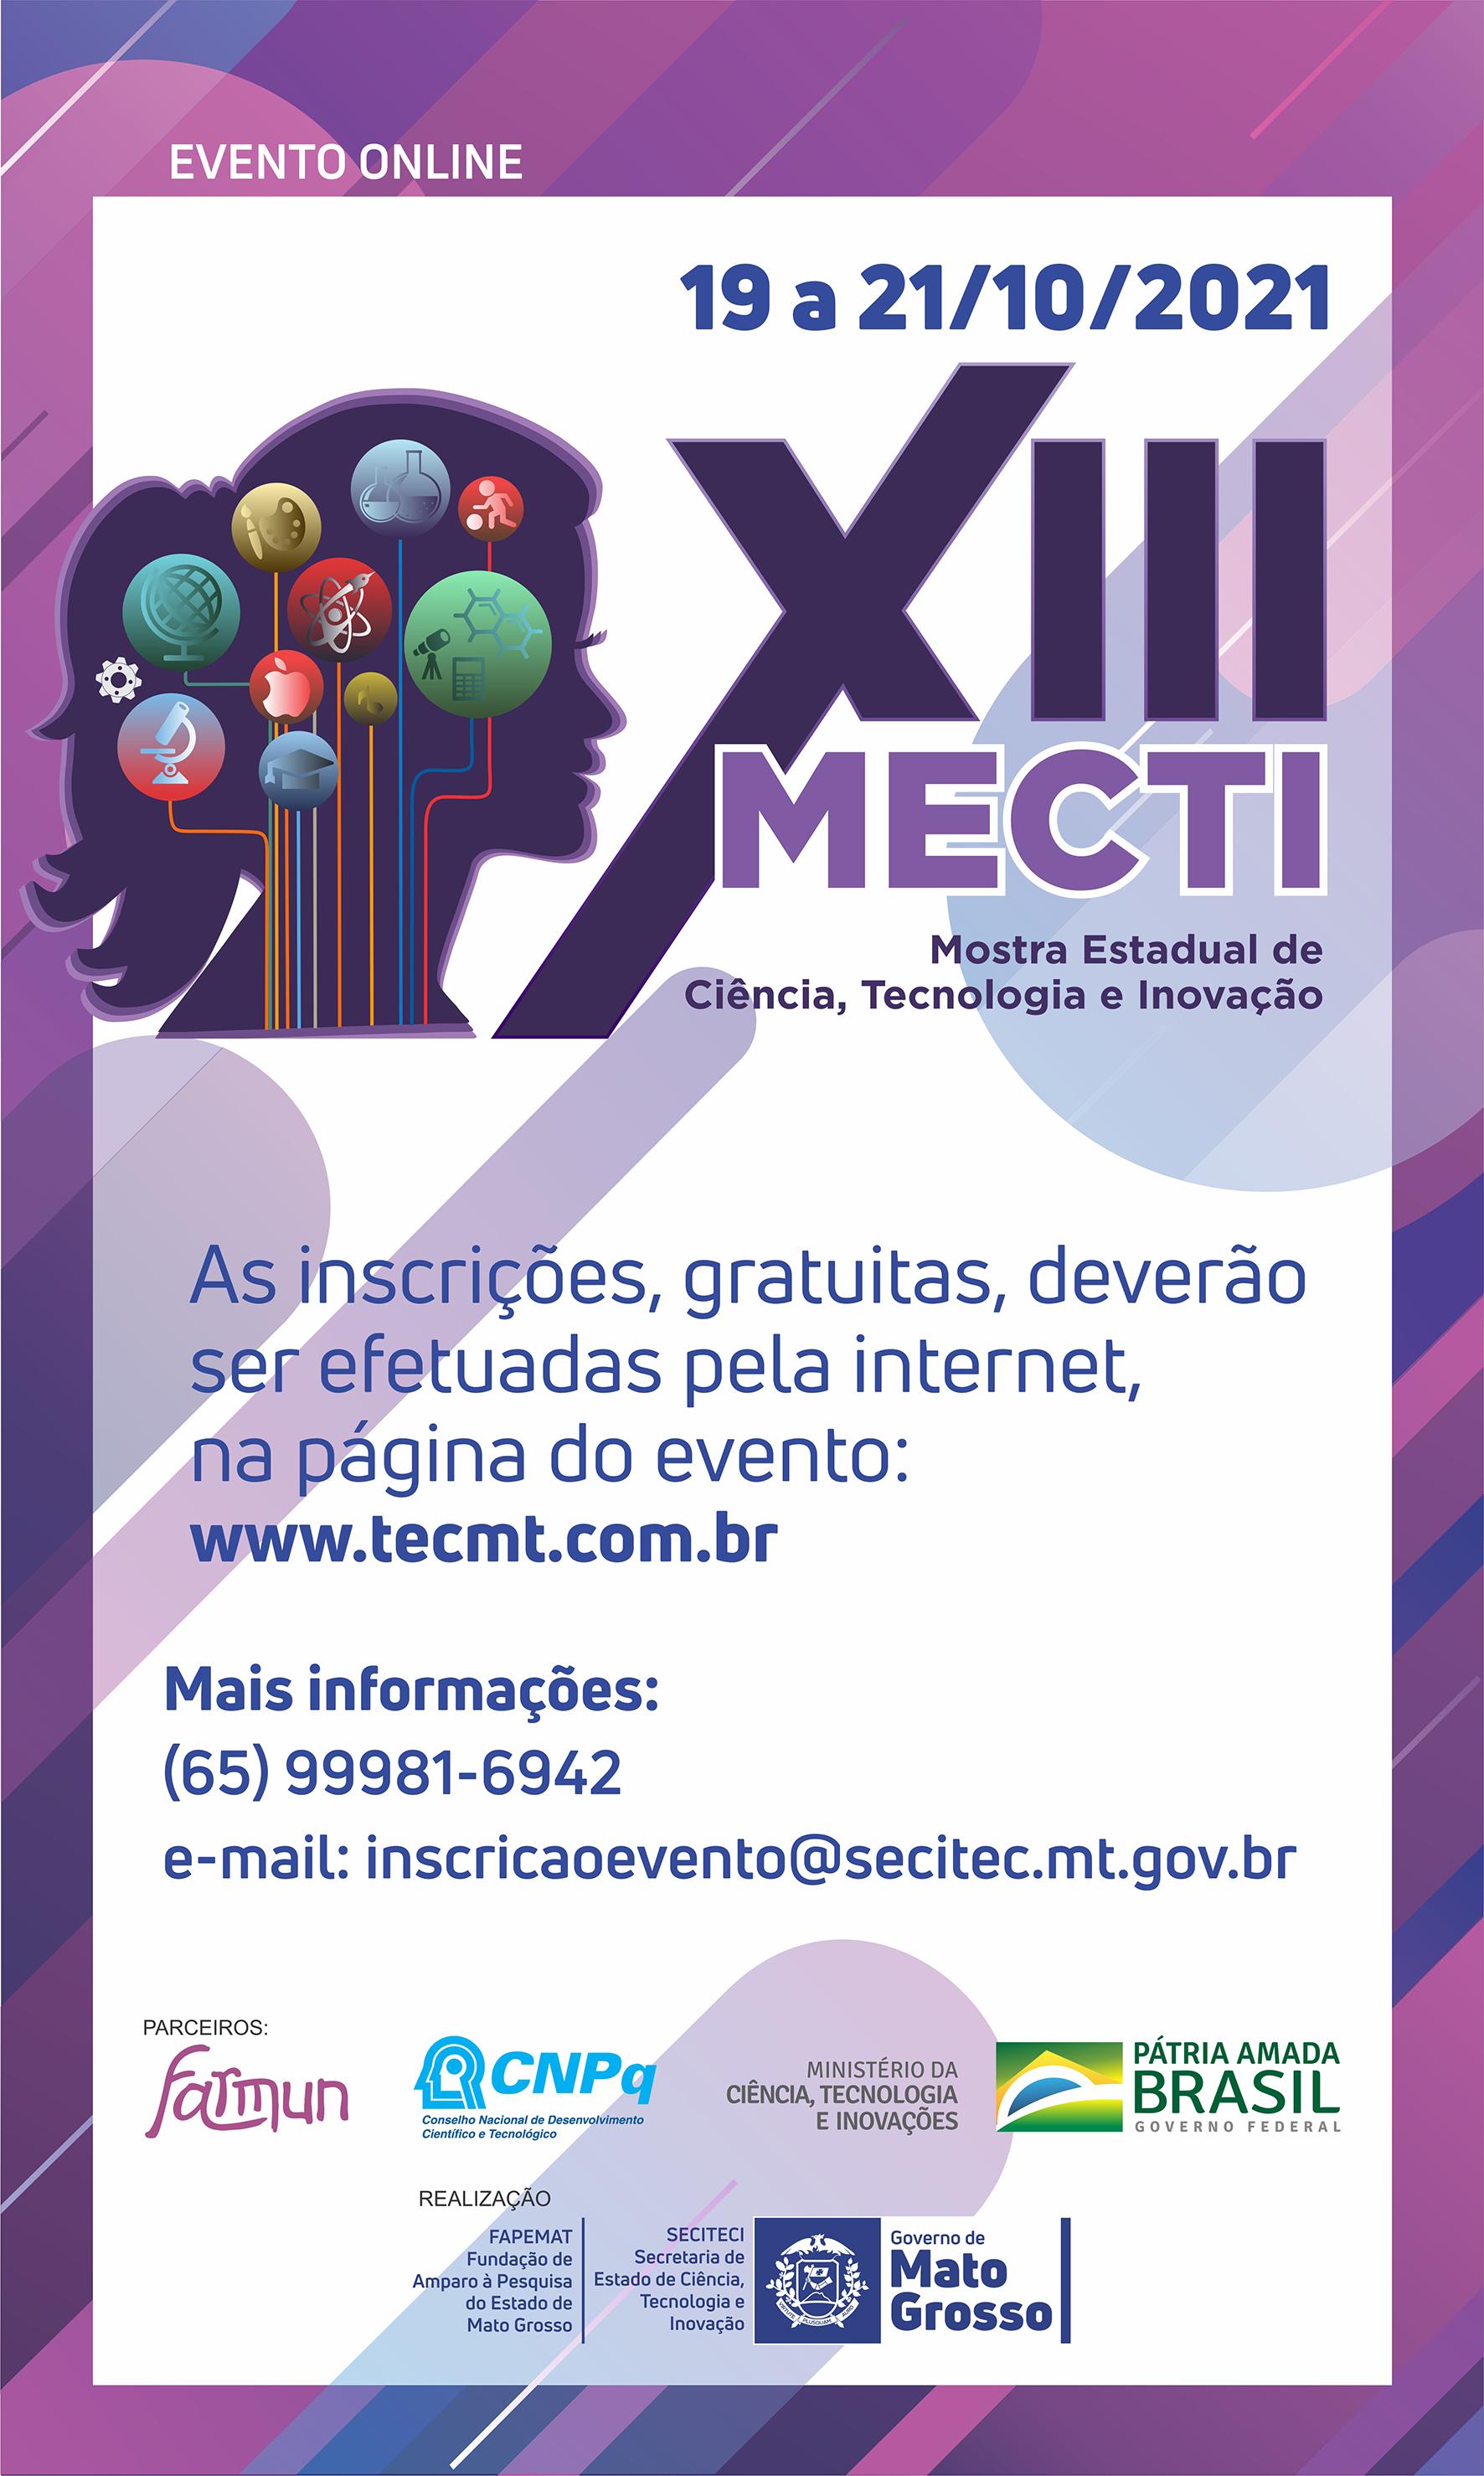 XIII Mostra Estadual de Ciência, Tecnologia e Inovação